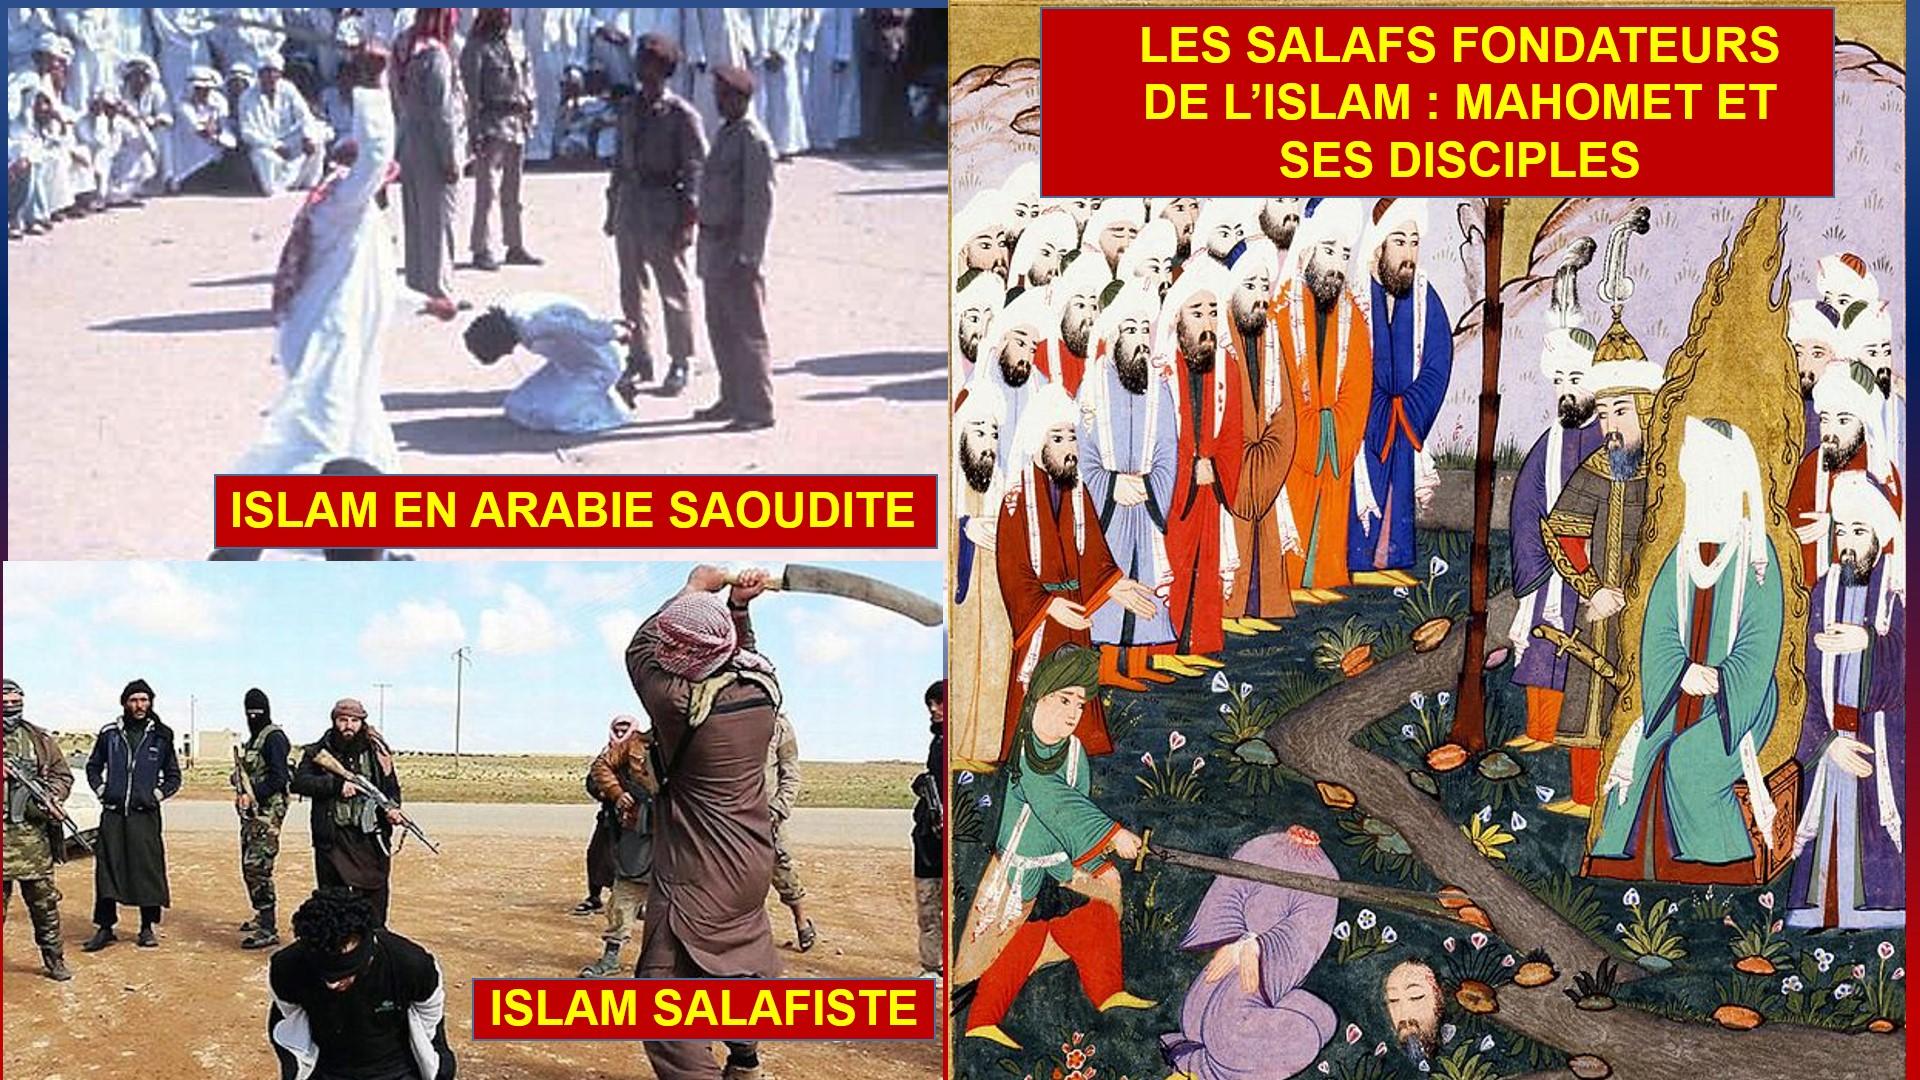 Salafistes1